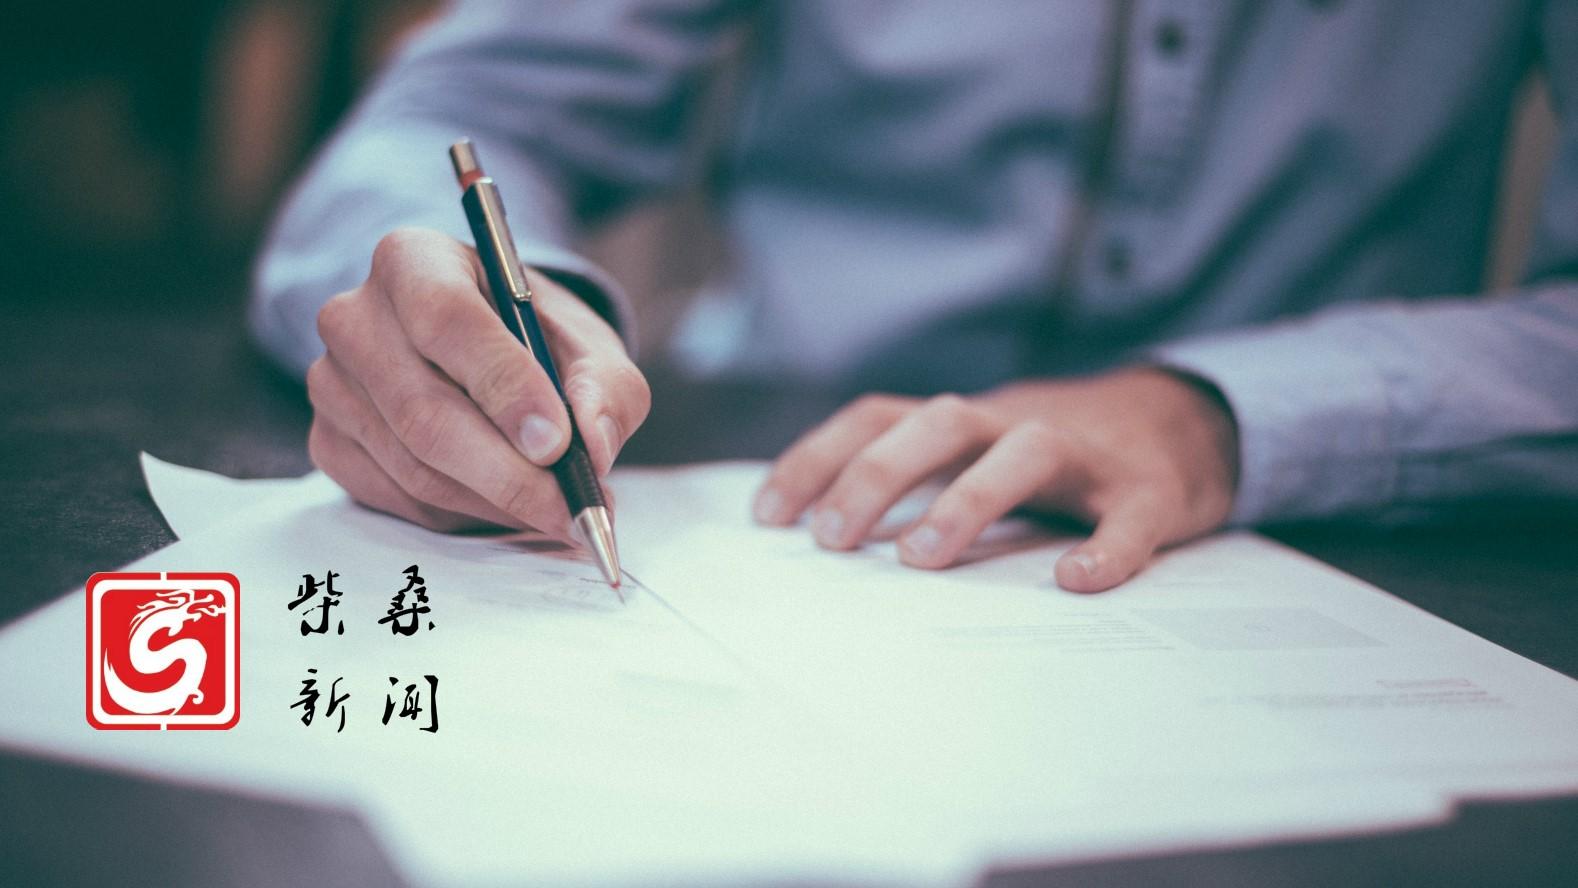 【柴桑新闻】我所潘敏律师受邀为九江诚兴置业有限公司作专题讲座